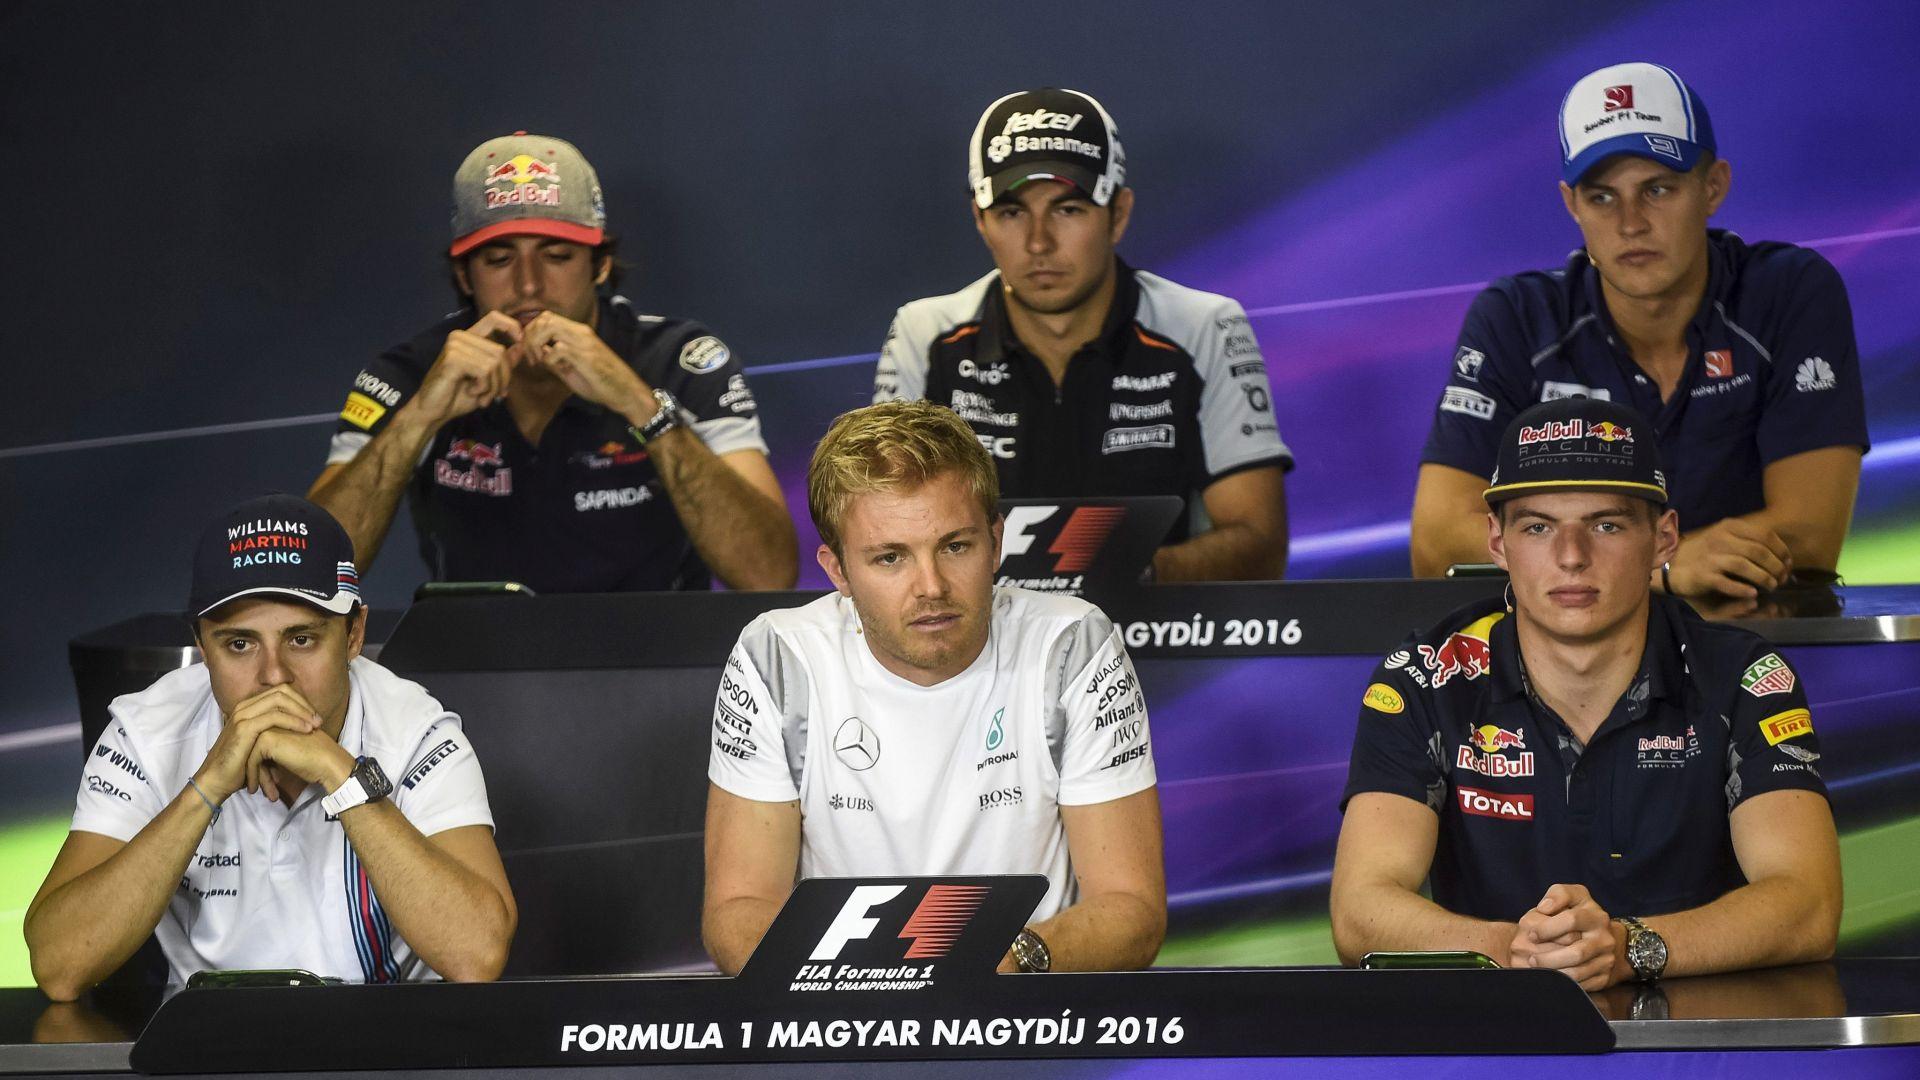 FORMULA 1 Velika nagrada Mađarske: Rosbergu kvalifikacije